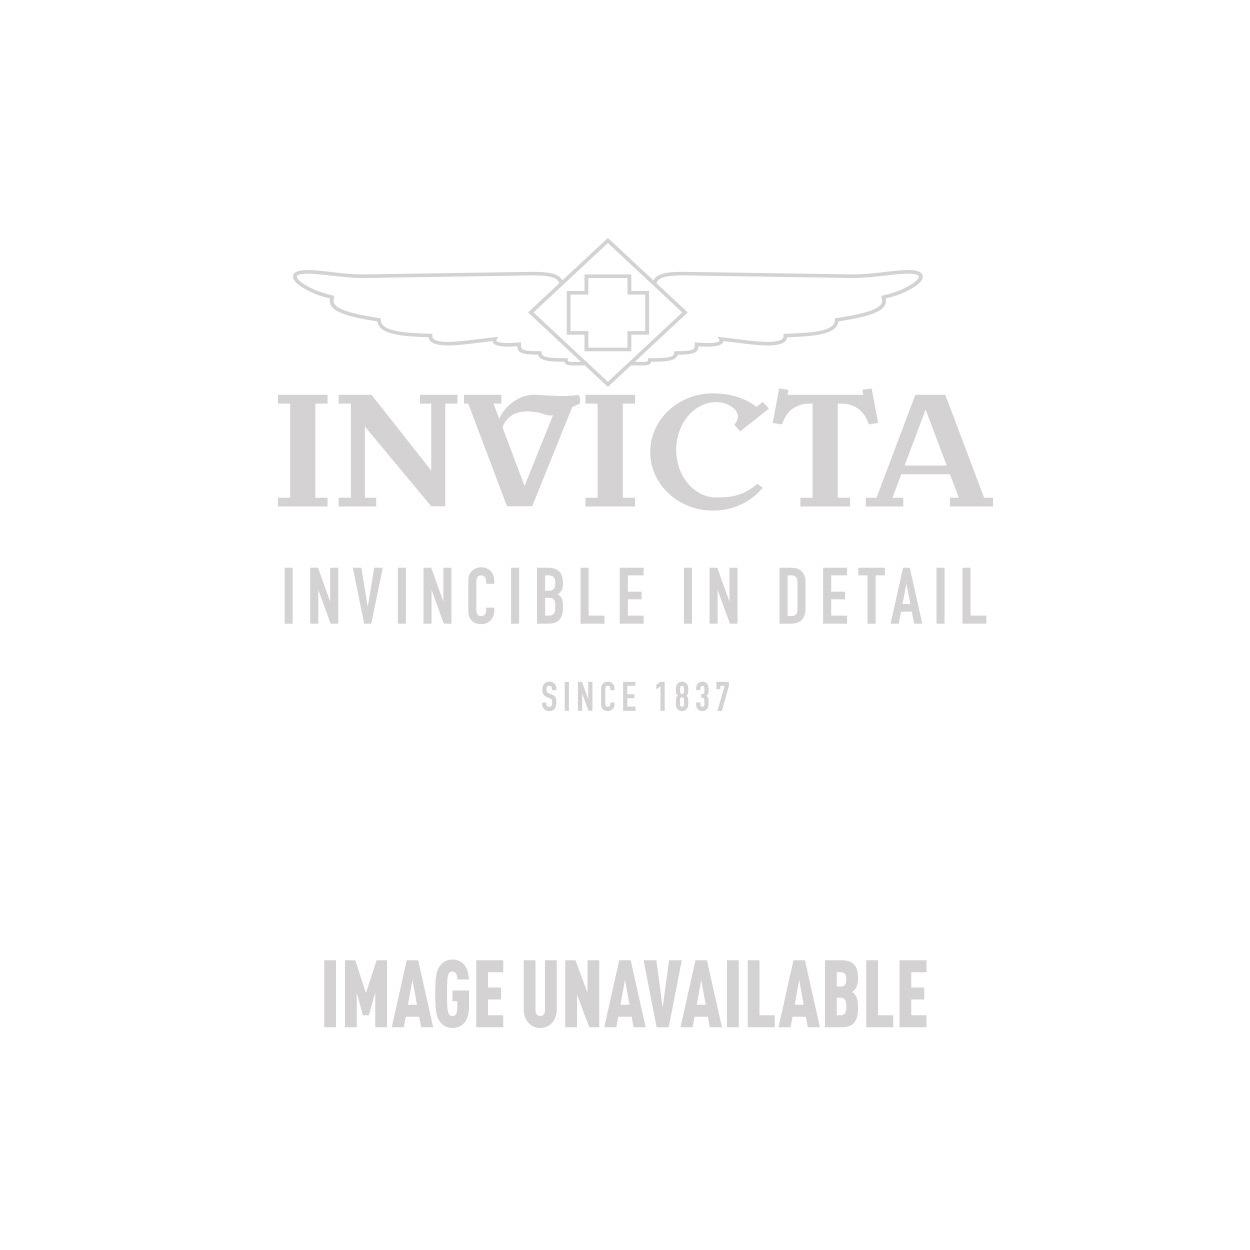 Invicta Model 29324